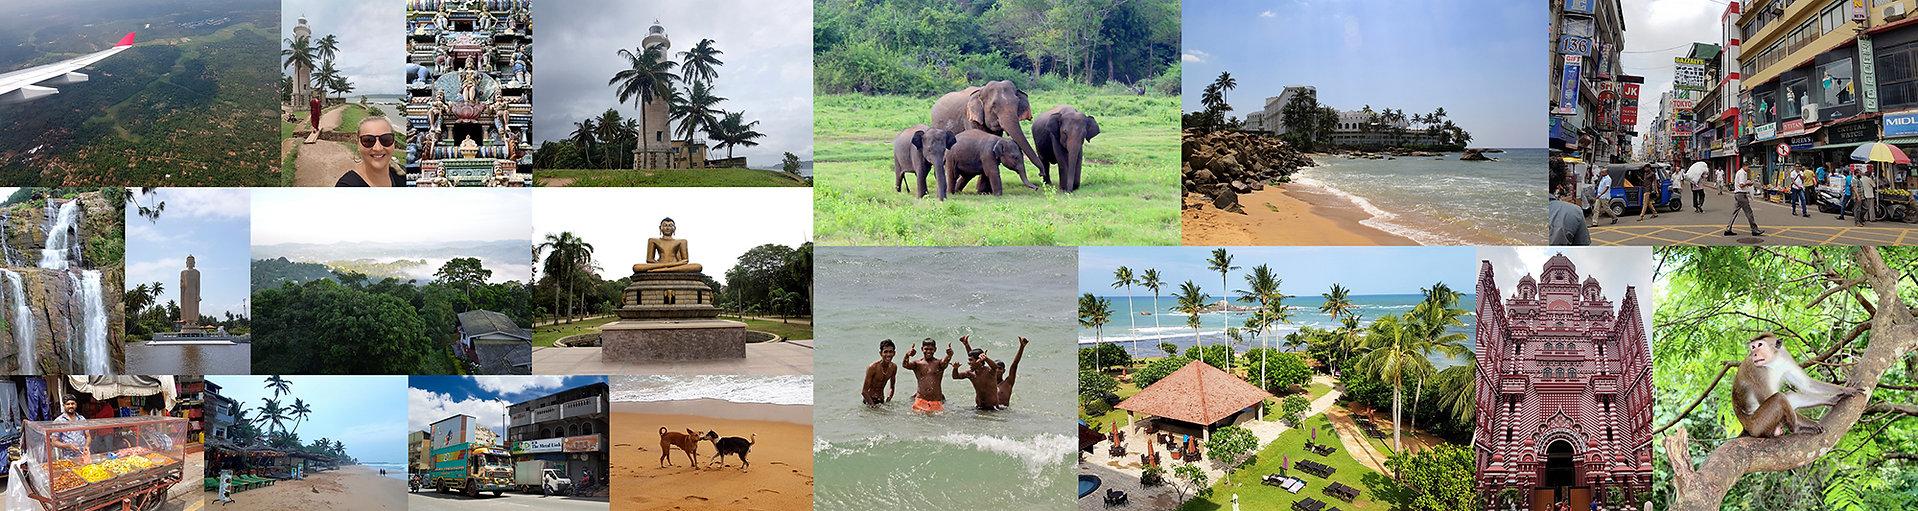 Průvodce Srí Lankou